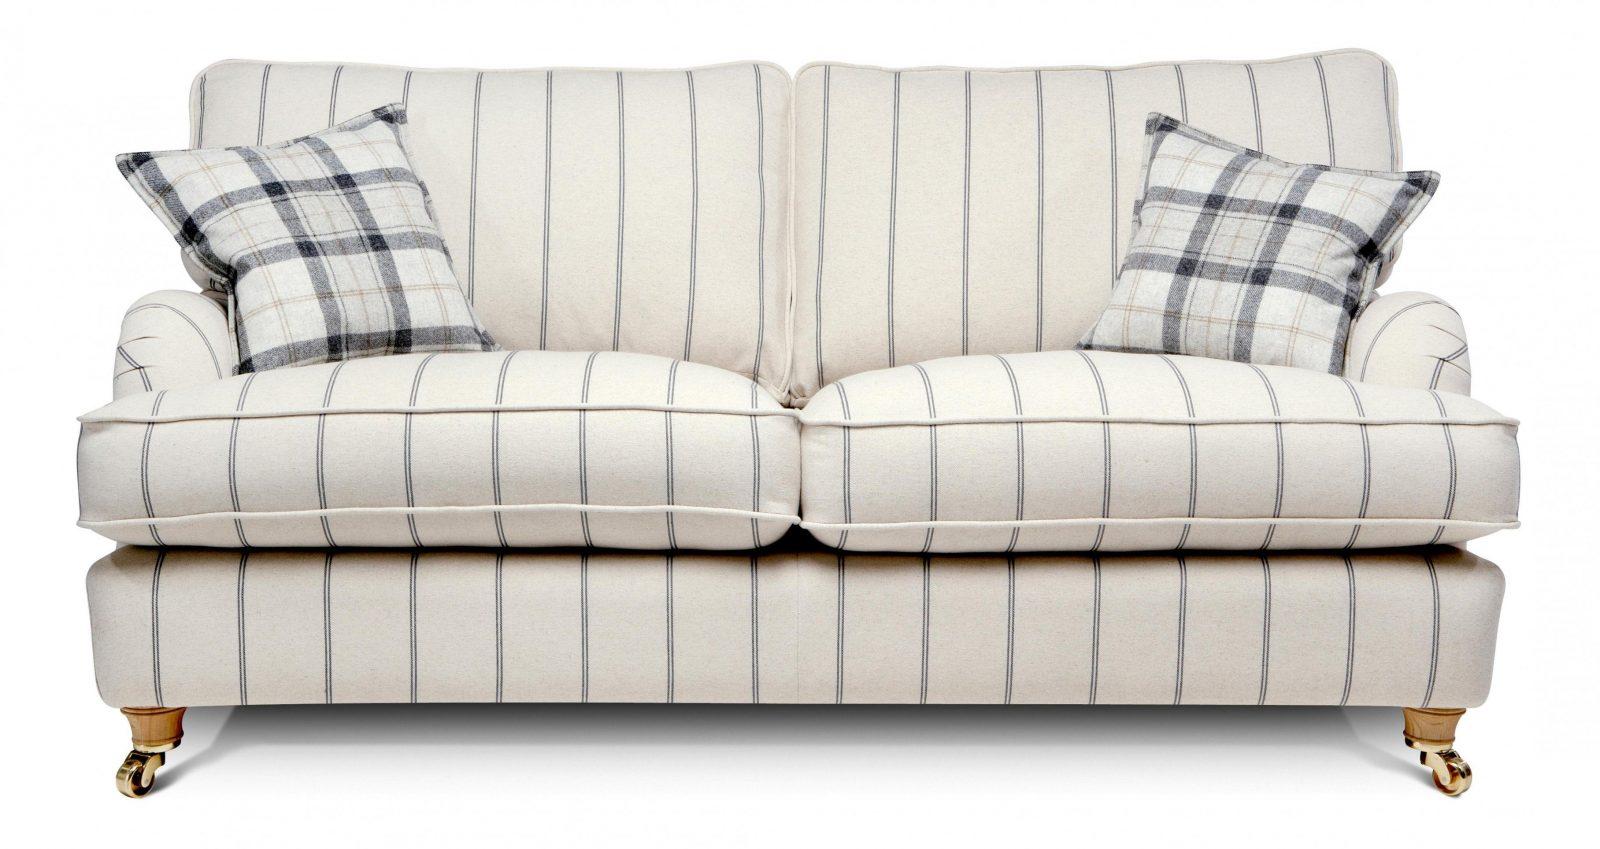 sofa colmar 3sitzer webstoff blau gestreift maison belfort von sofa blau wei gestreift bild. Black Bedroom Furniture Sets. Home Design Ideas